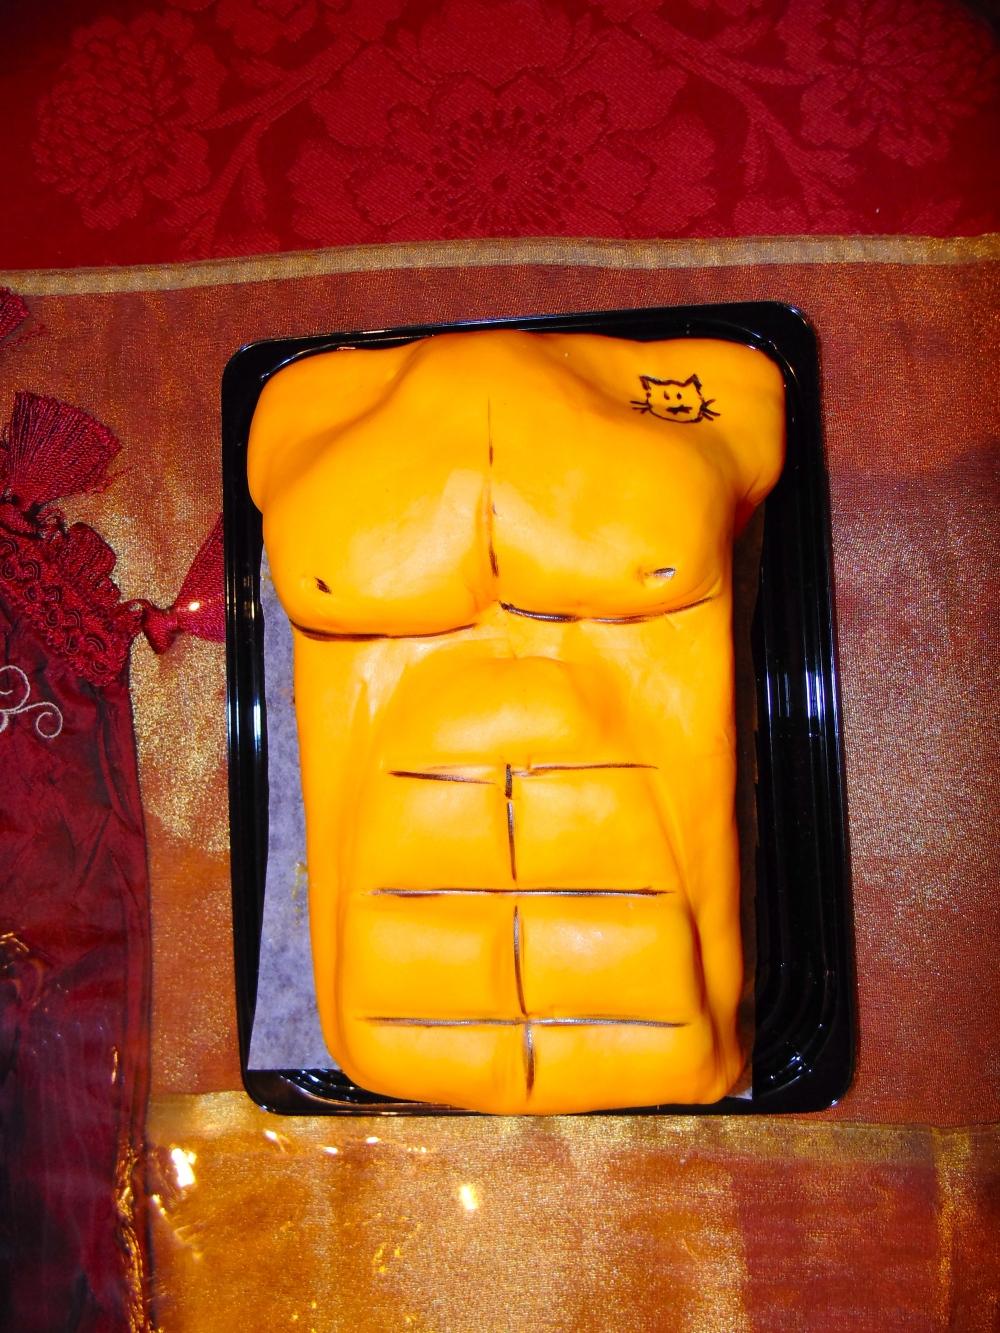 Ryan Gosling Abs Cake 1